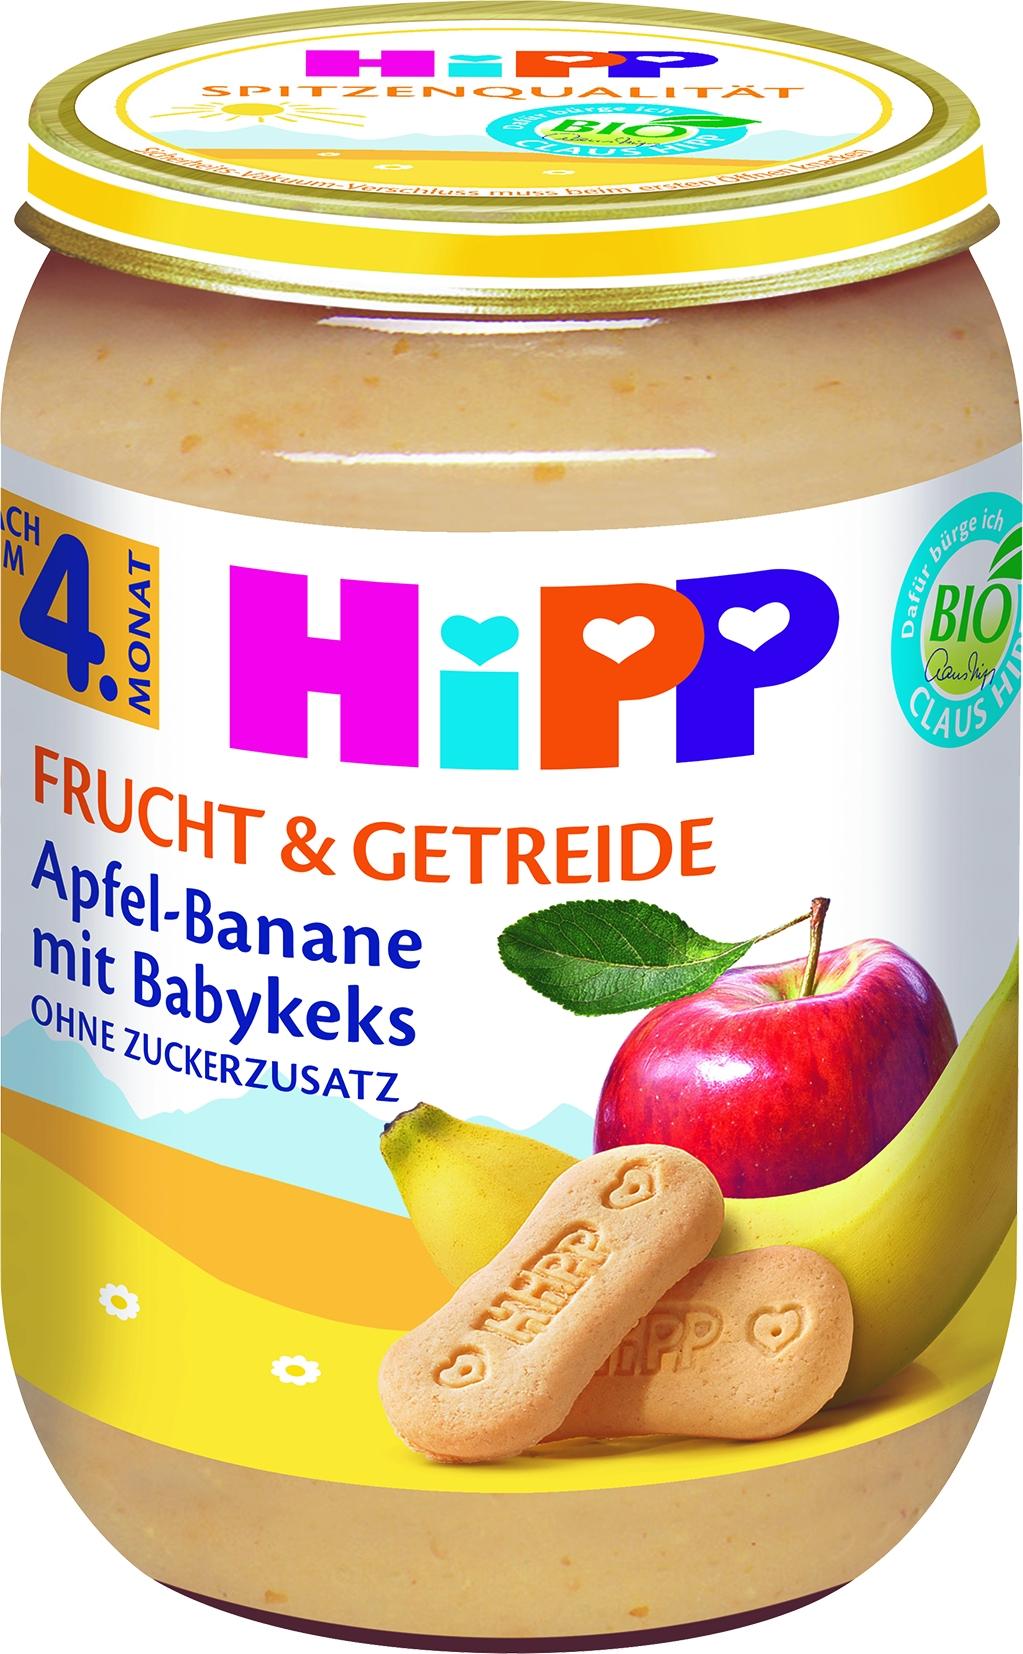 Bio 4710-01 F&G Apfel/Banane/Keks